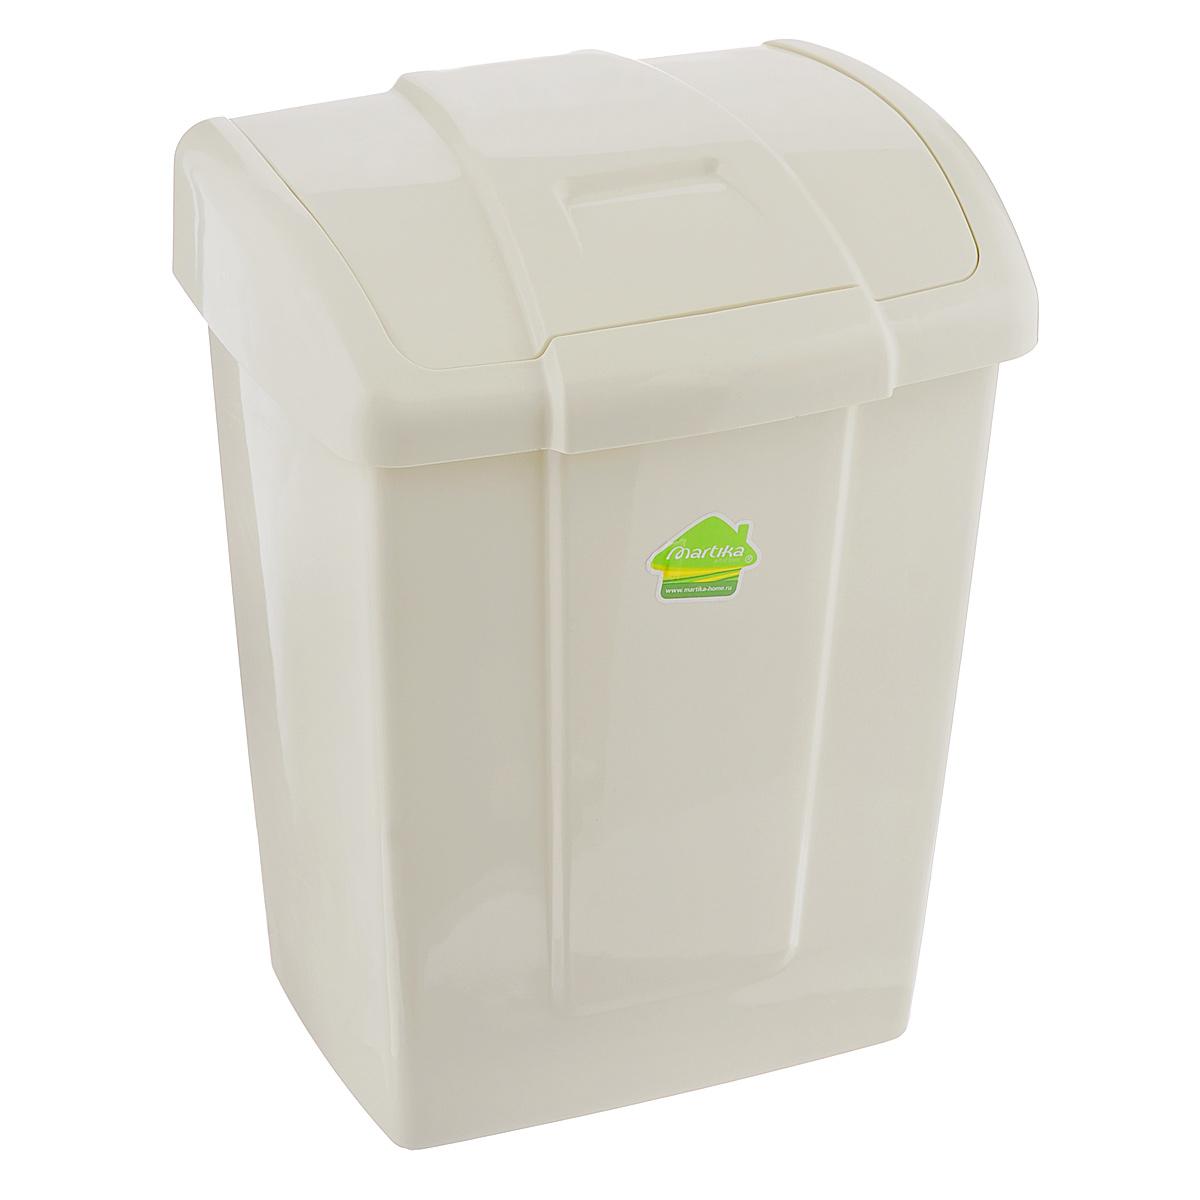 Контейнер для мусора Martika Форте, цвет: светло-бежевый, 9 л68/5/1Контейнер для мусора Martika Форте изготовлен из прочного полипропилена (пластика). Такой аксессуар очень удобен в использовании как дома, так и в офисе. Контейнер снабжен удобной поворачивающейся крышкой. Стильный дизайн сделает его прекрасным украшением интерьера.